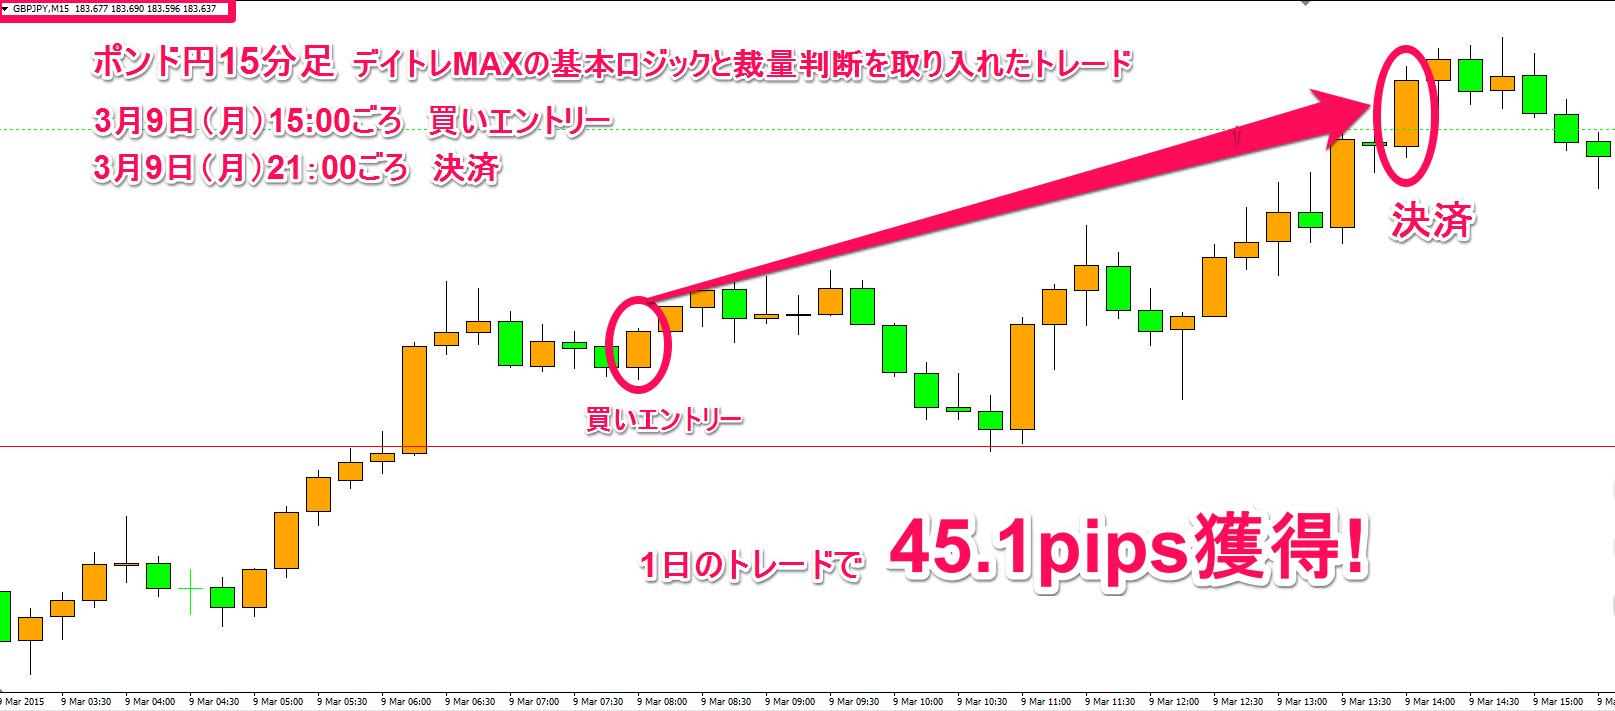 【2日目】3月9日(月)のトレード結果:ポンド円15分足(45.1pips獲得!)